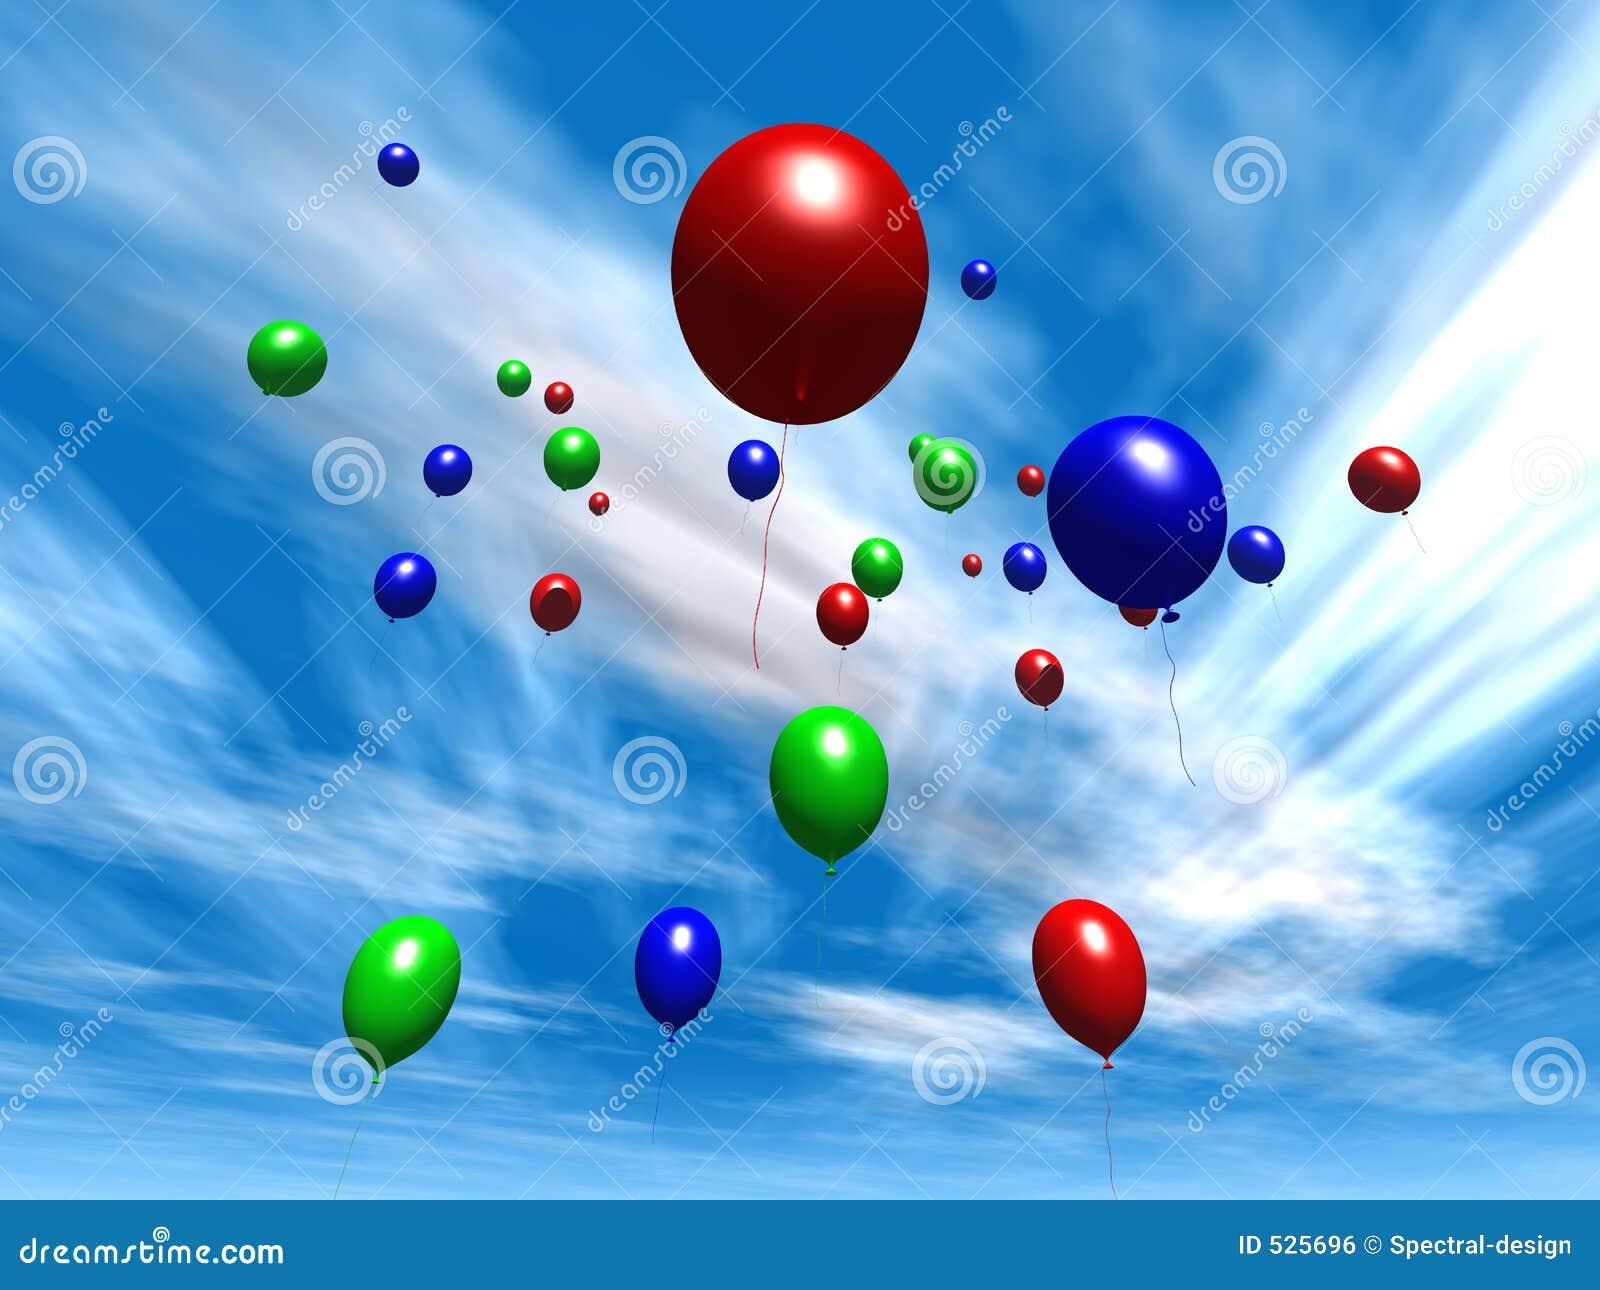 Download 2个气球白天天空 库存例证. 插画 包括有 例证, 许多, 当事人, 浮动, 氦气, 陈腐, 飞行, 娱乐, 上色 - 525696